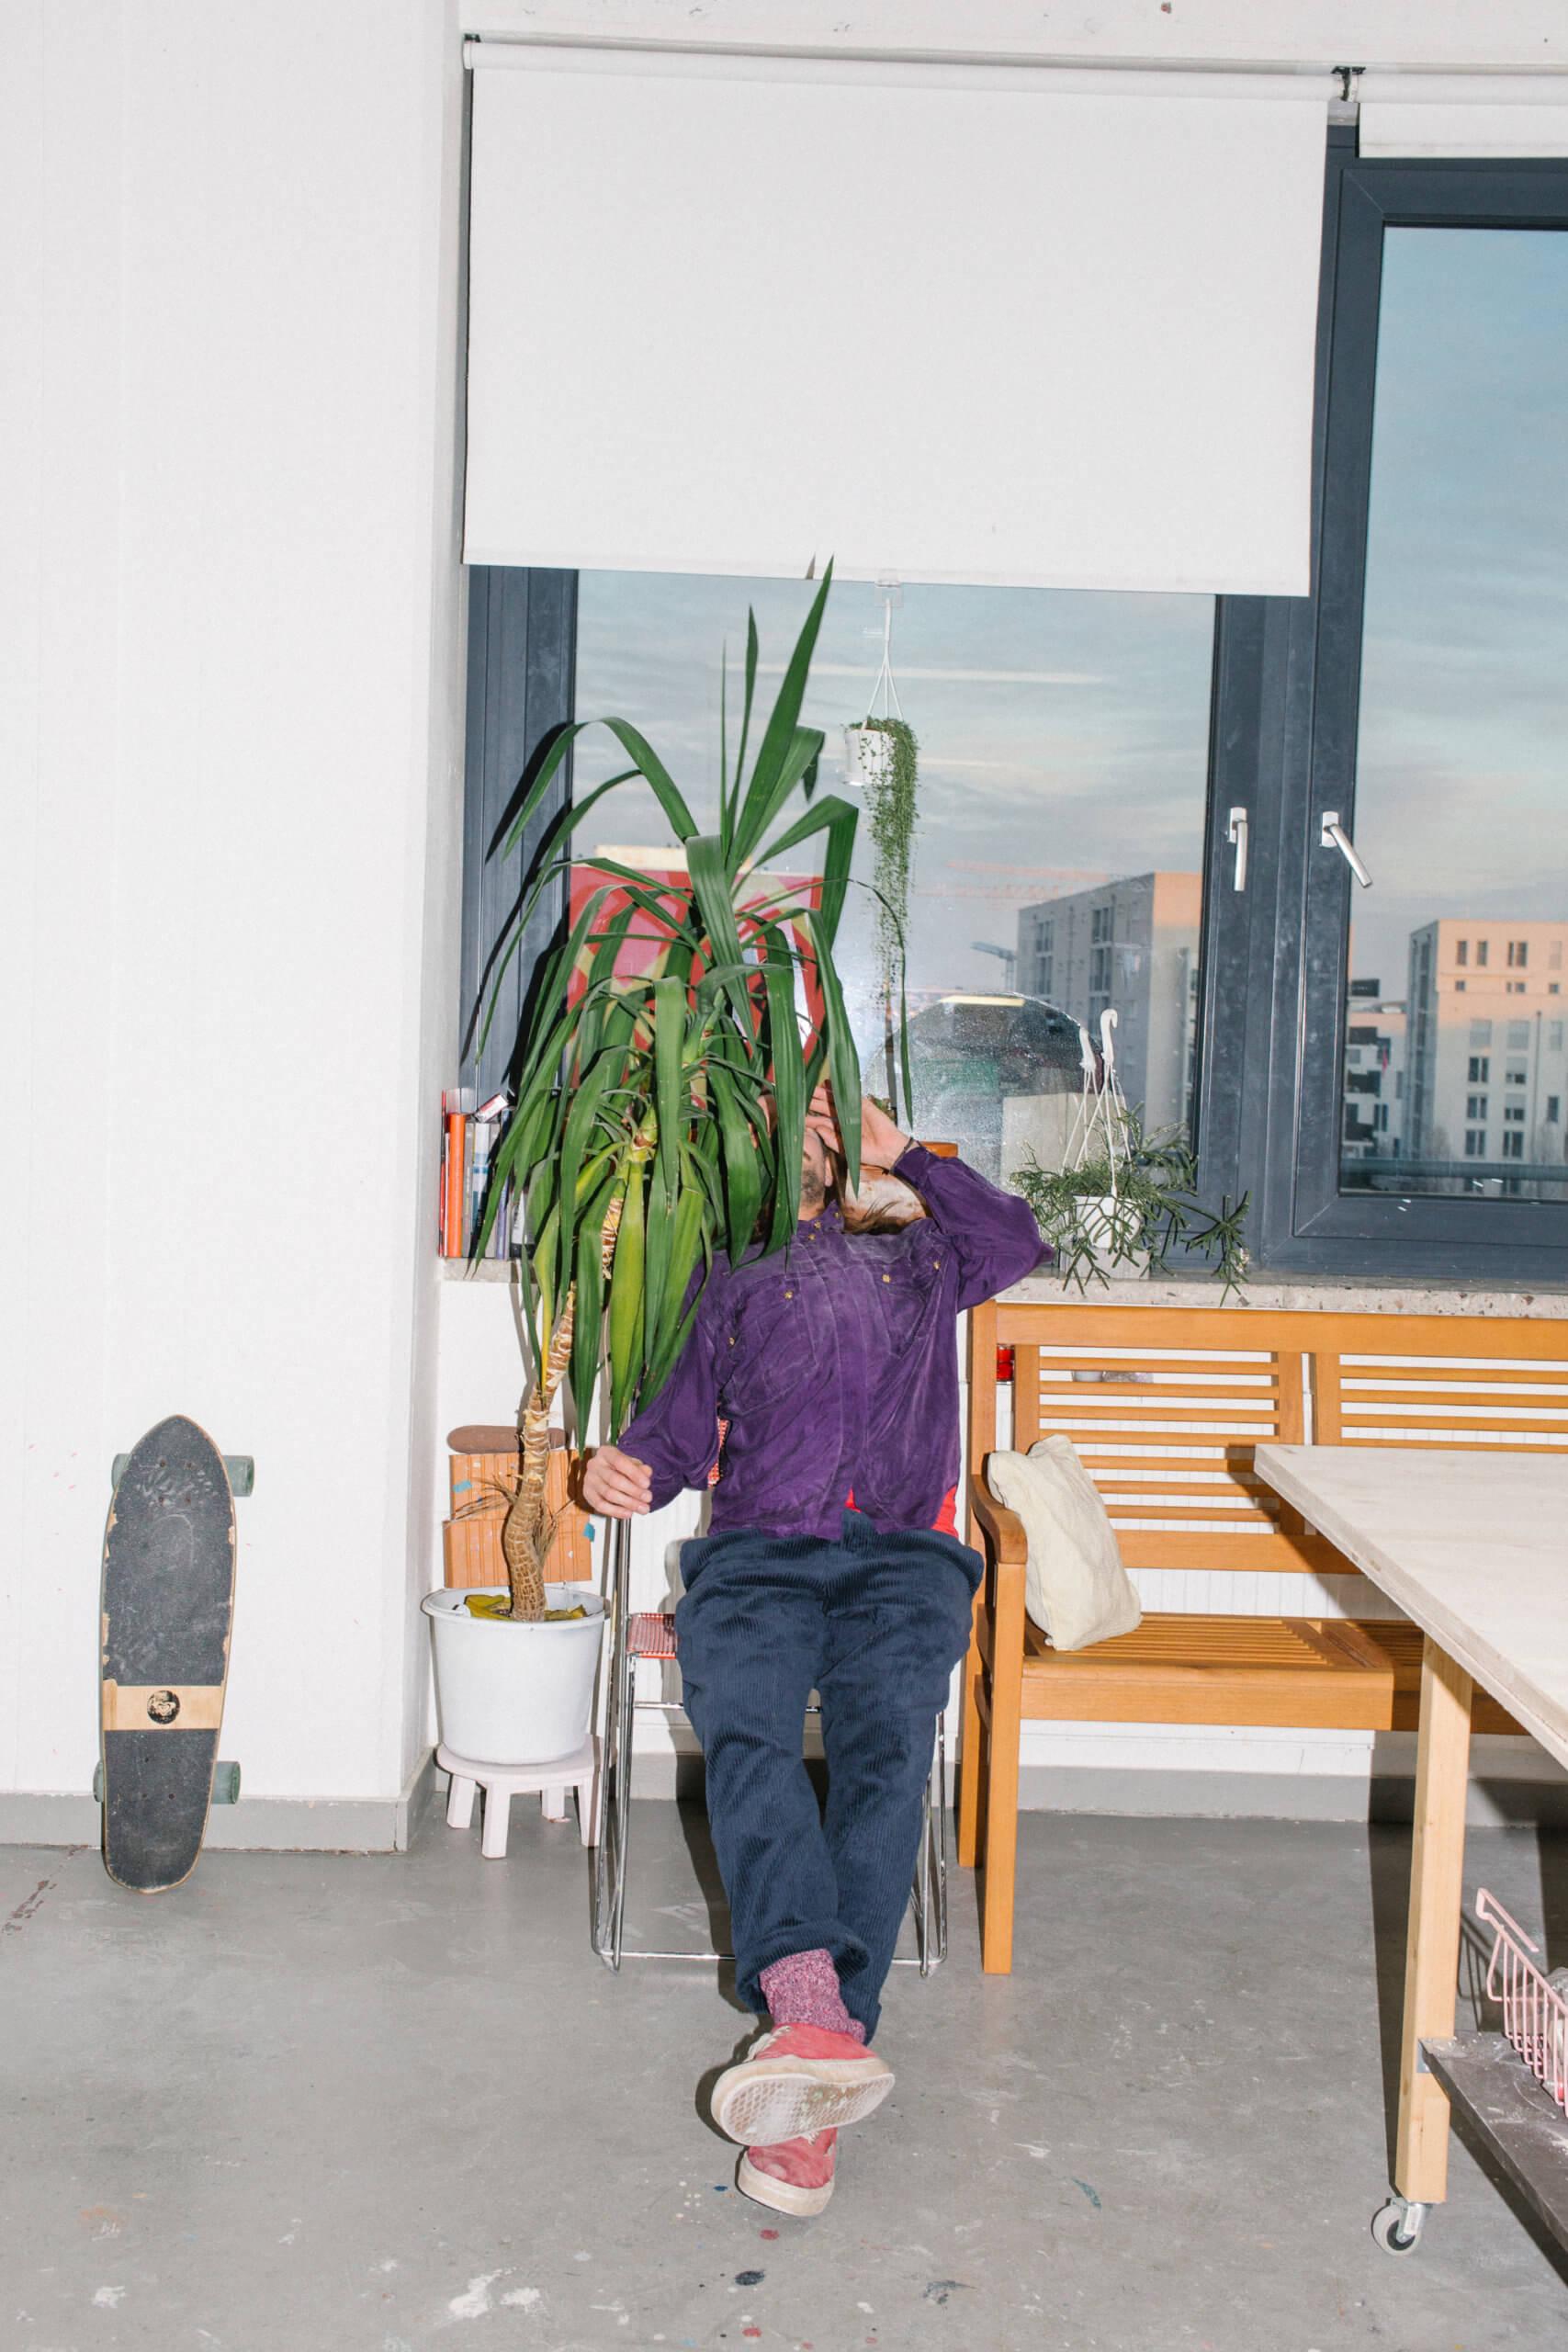 Raik Gupin sitzt auf einem Stuhl vor dem Fenster und versteckt sein Gesicht hinter einer Palme.